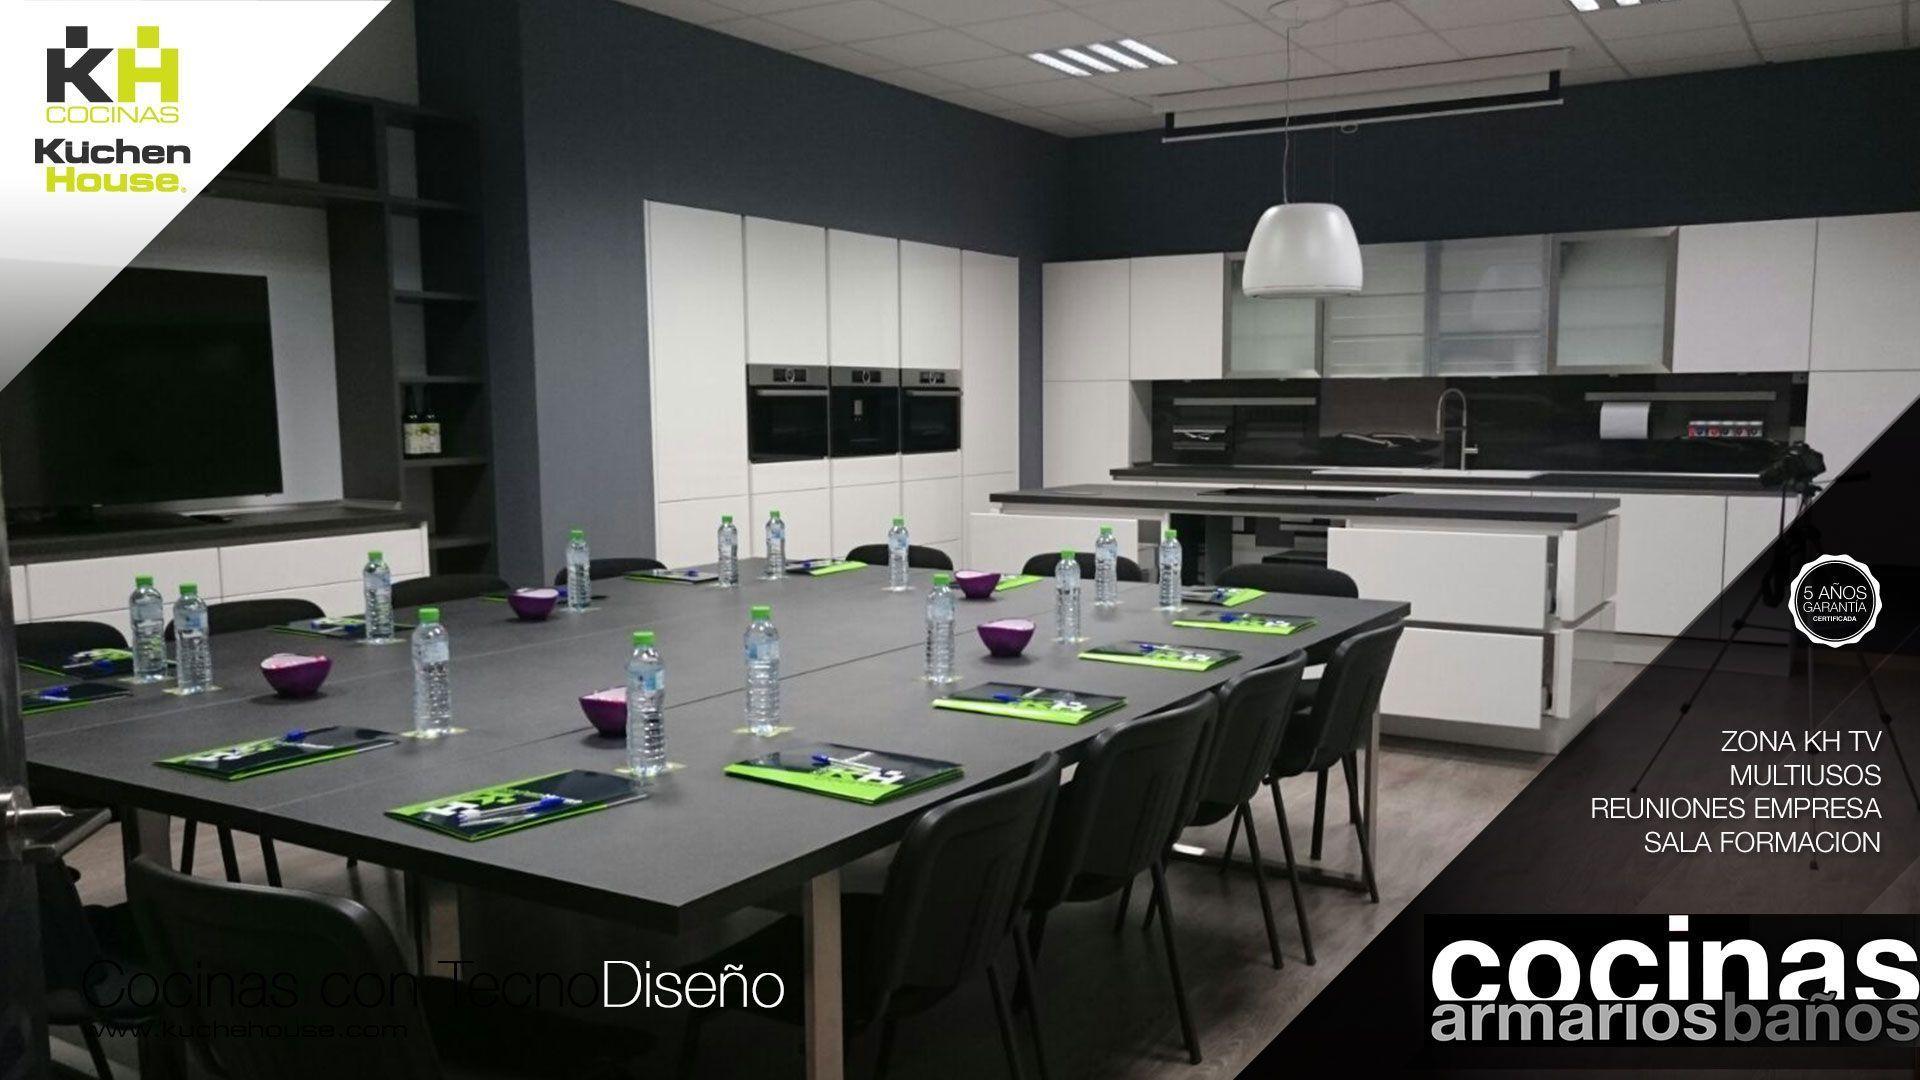 Sala de Formación Cursos de cocina Multiusos Kuchen House Cocinas 4